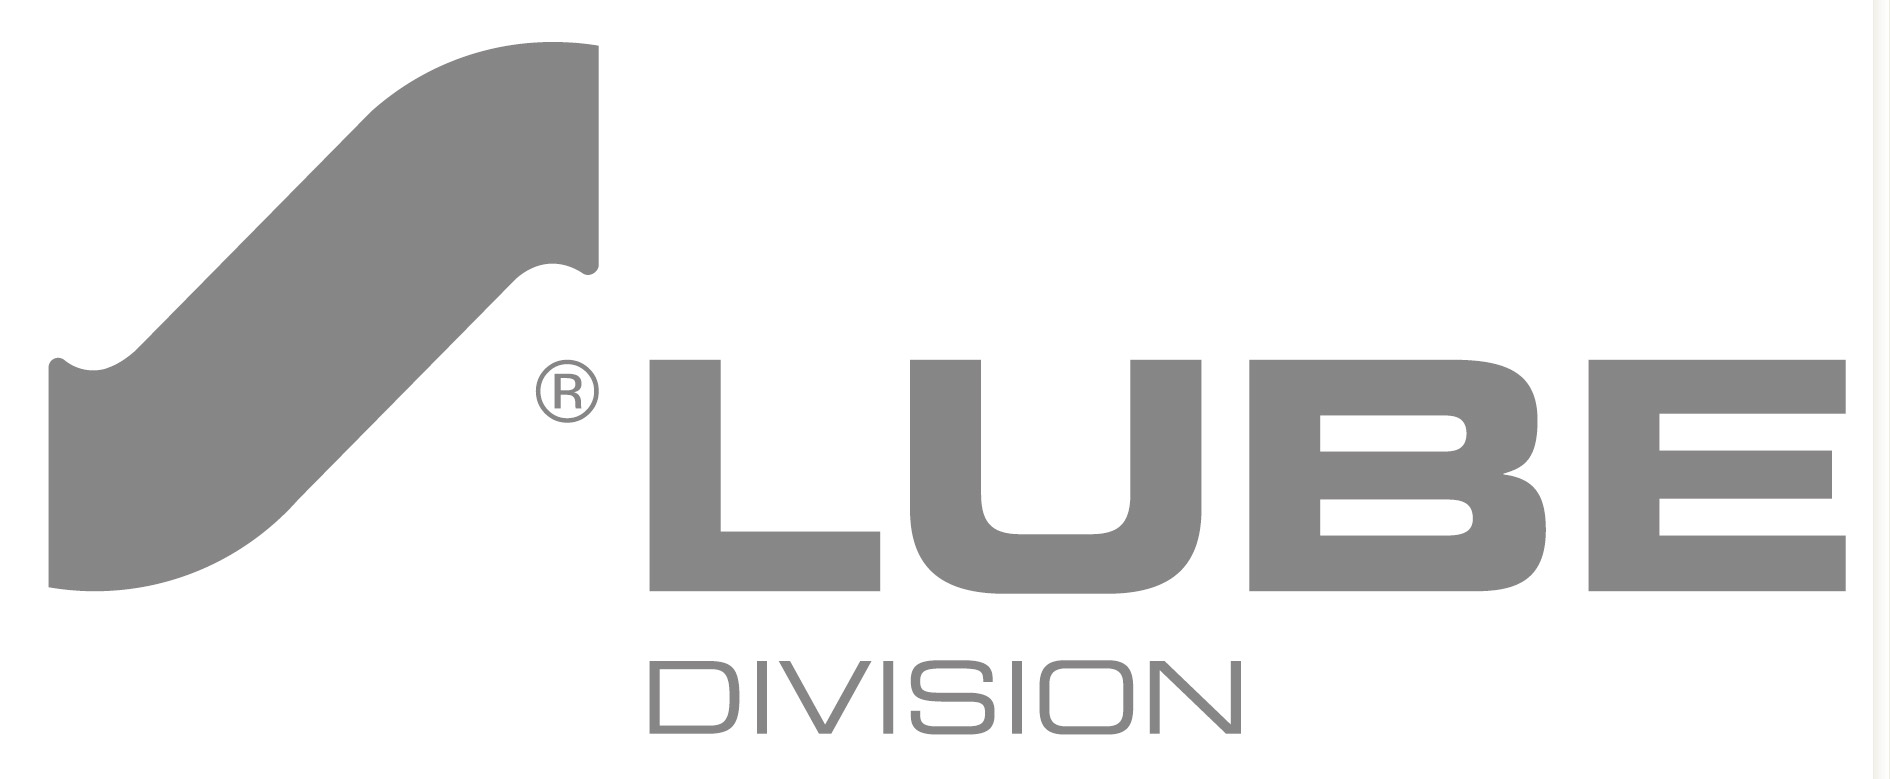 SAMOA Ltd - Lube Division